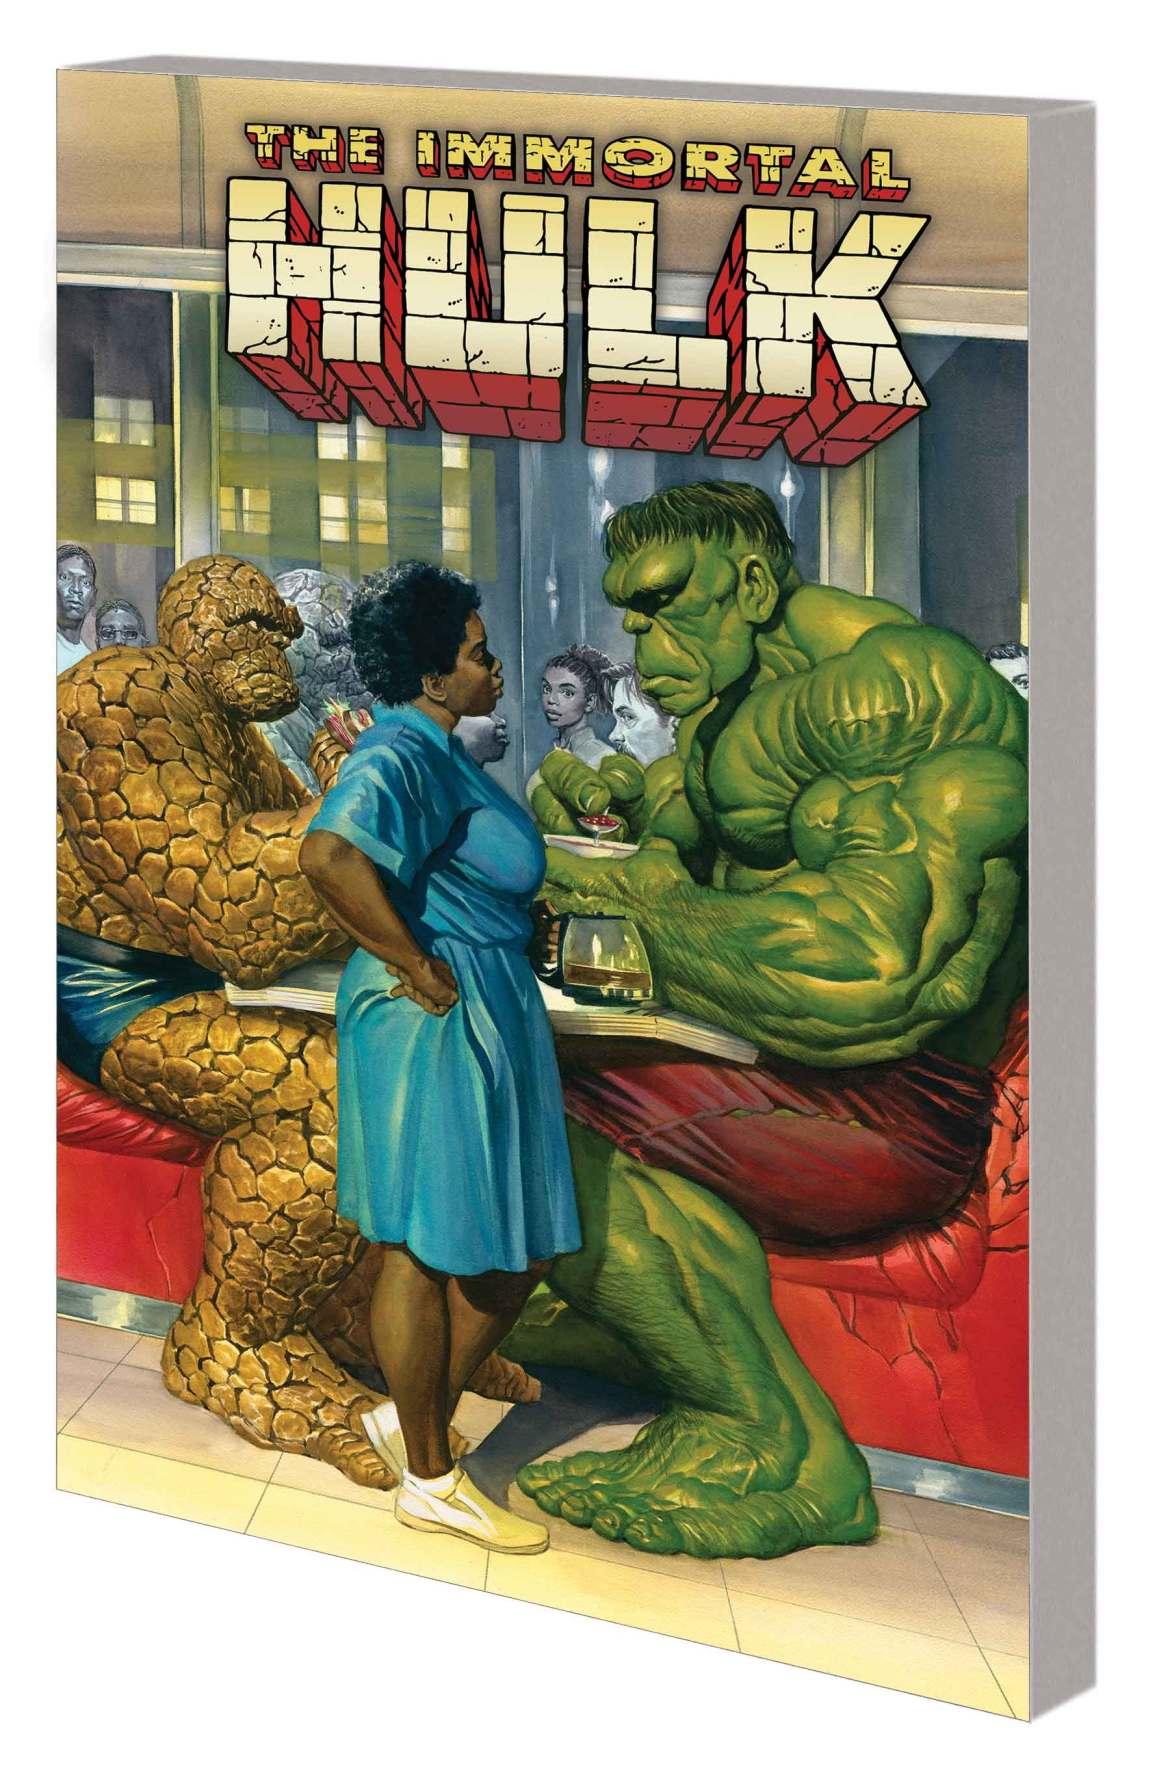 HULK_VOL_9_TPB Marvel Comics May 2021 Solicitations